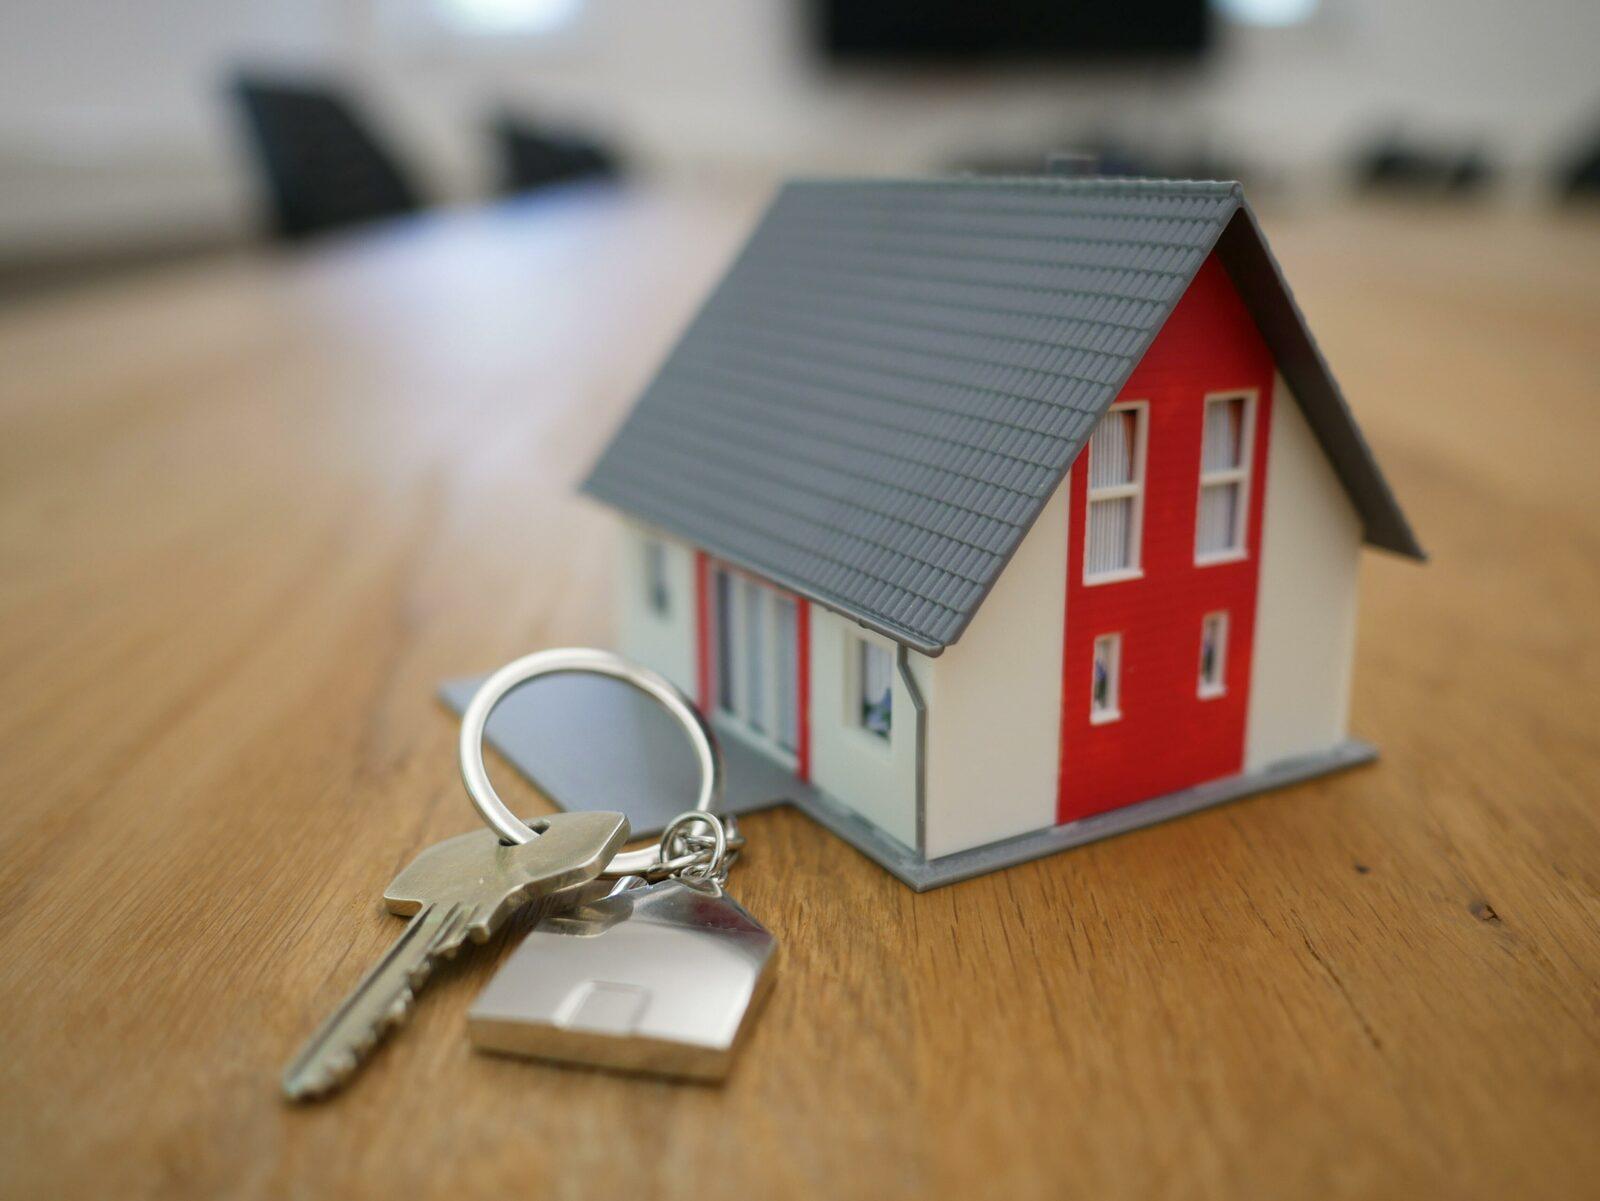 Het kopen van een vakantiewoning als investeringsobject is ideaal, laat DURFF u adviseren bij de aanschaf van een vakantiewoning